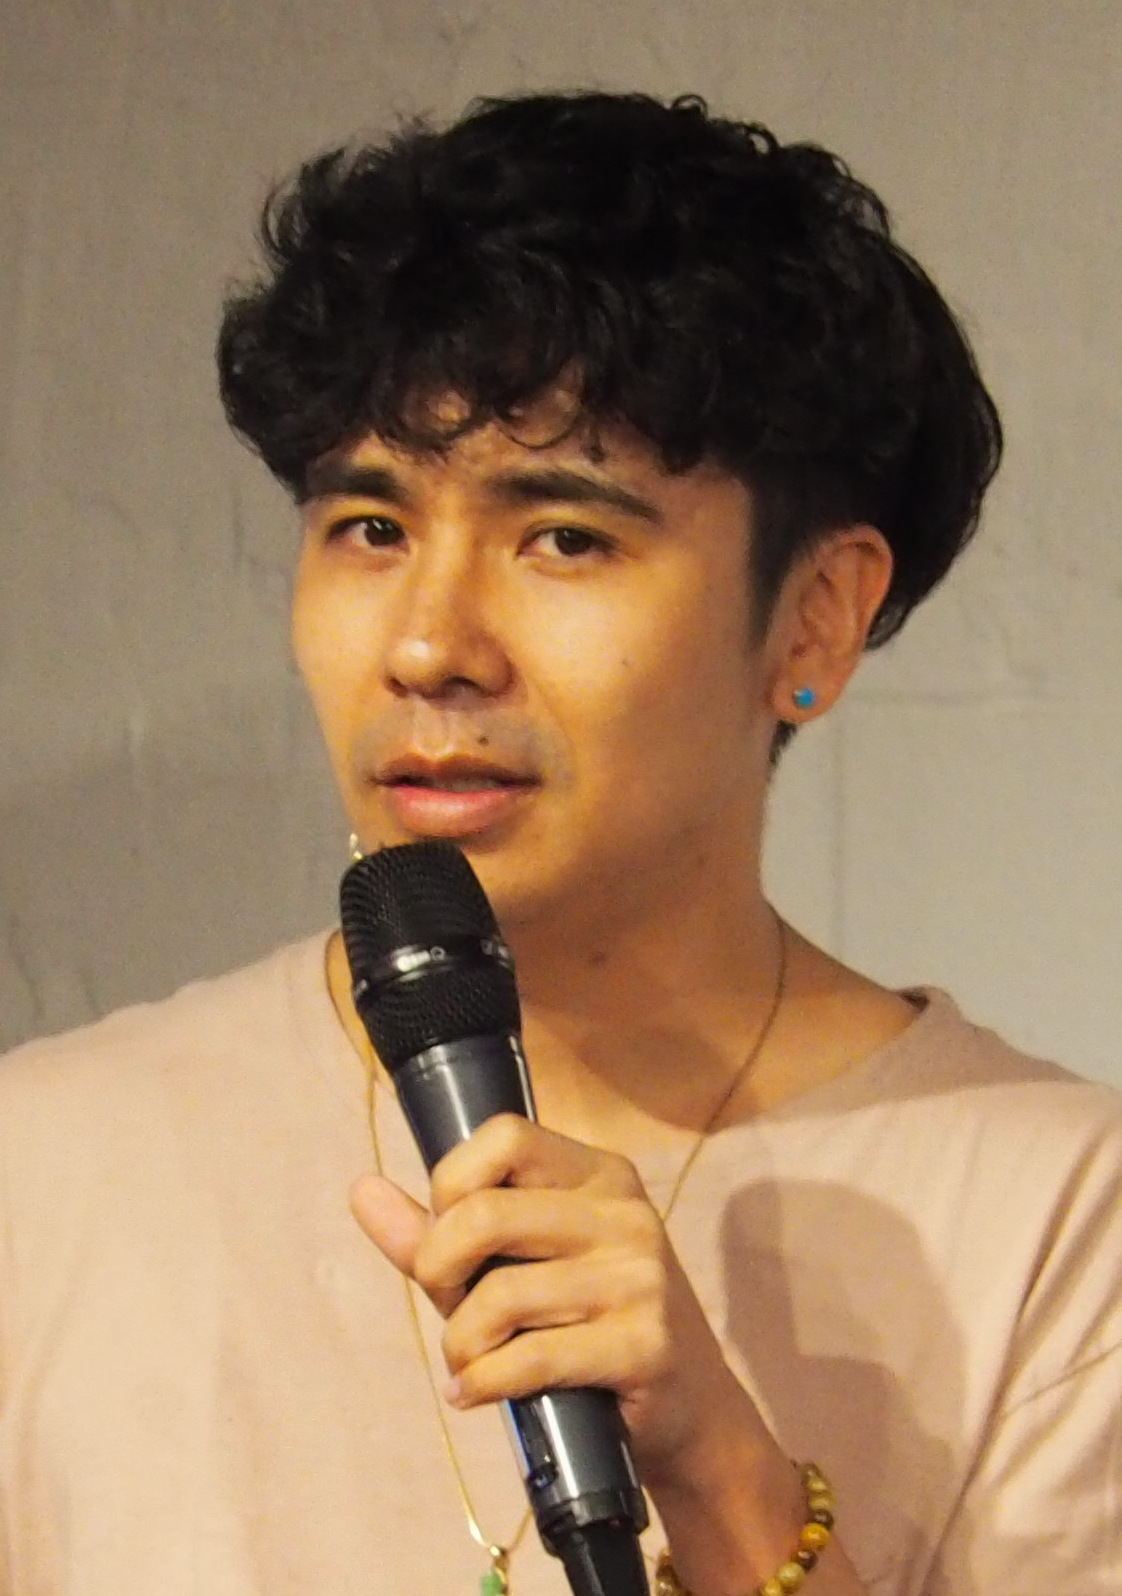 Vuong in 2019